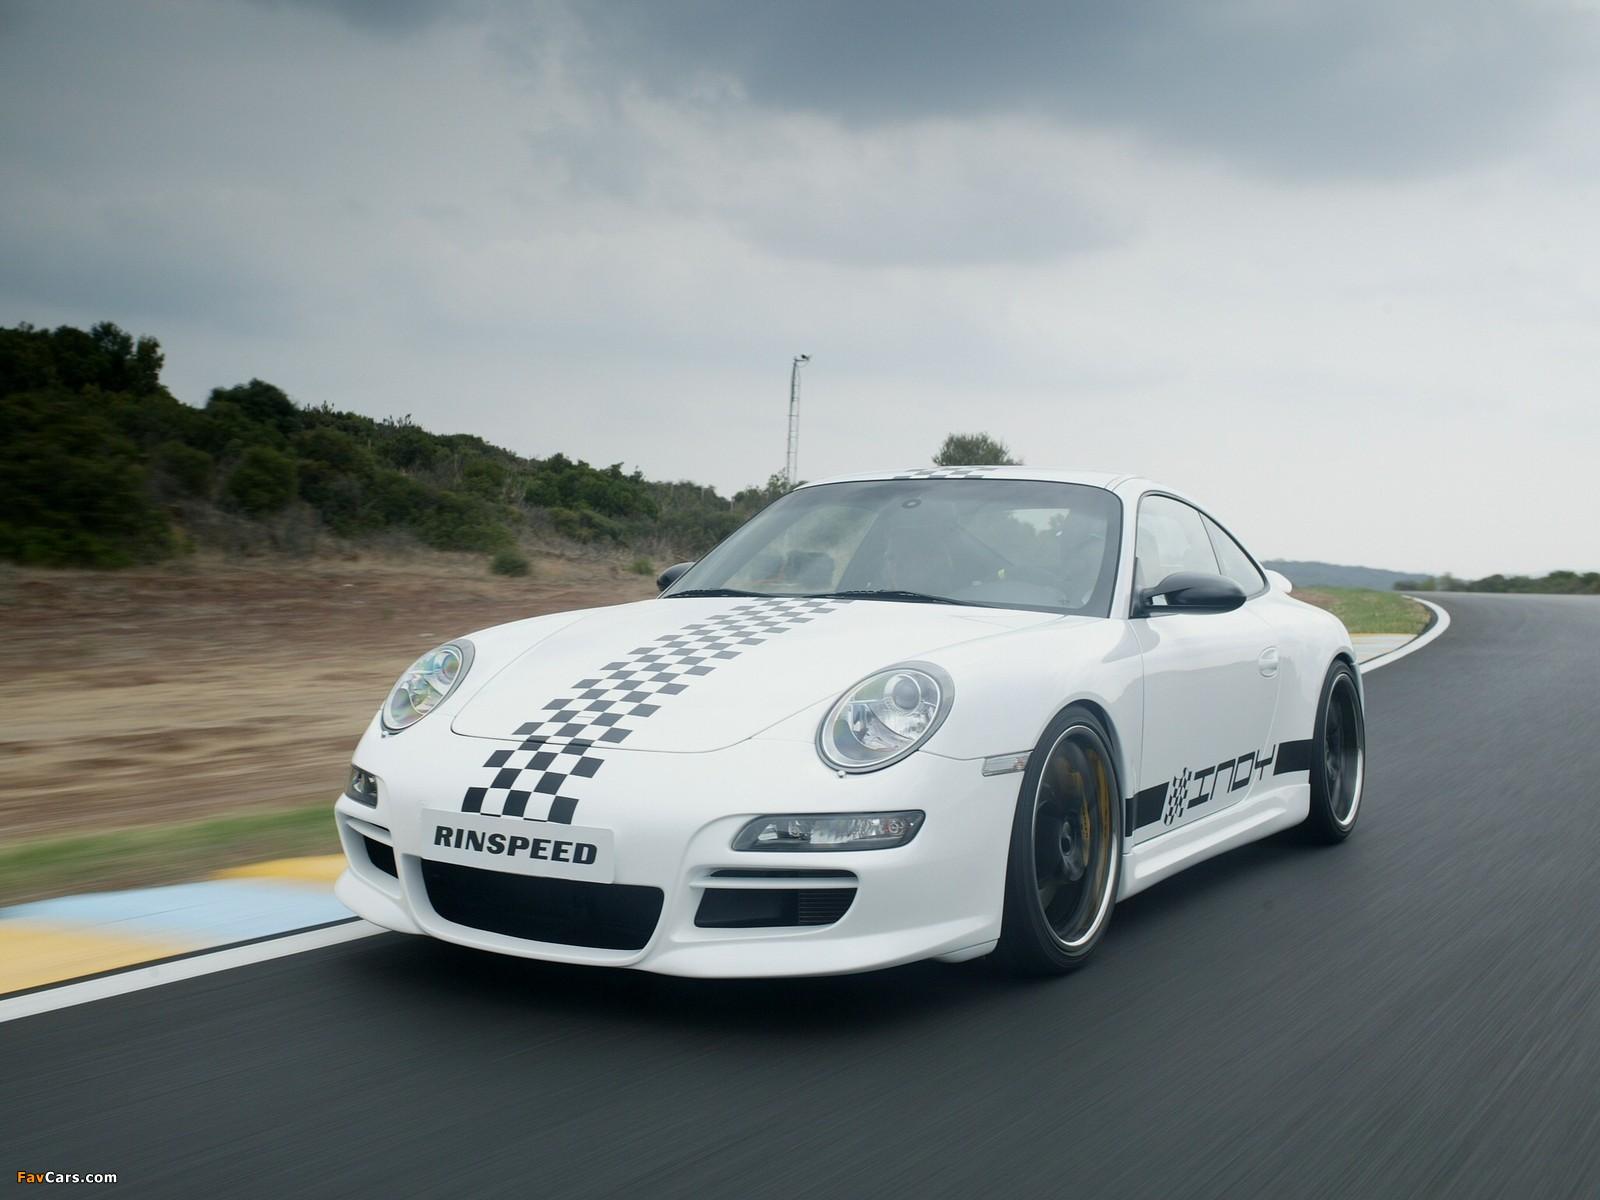 Rinspeed Porsche Indy (997) 2005 pictures (1600 x 1200)